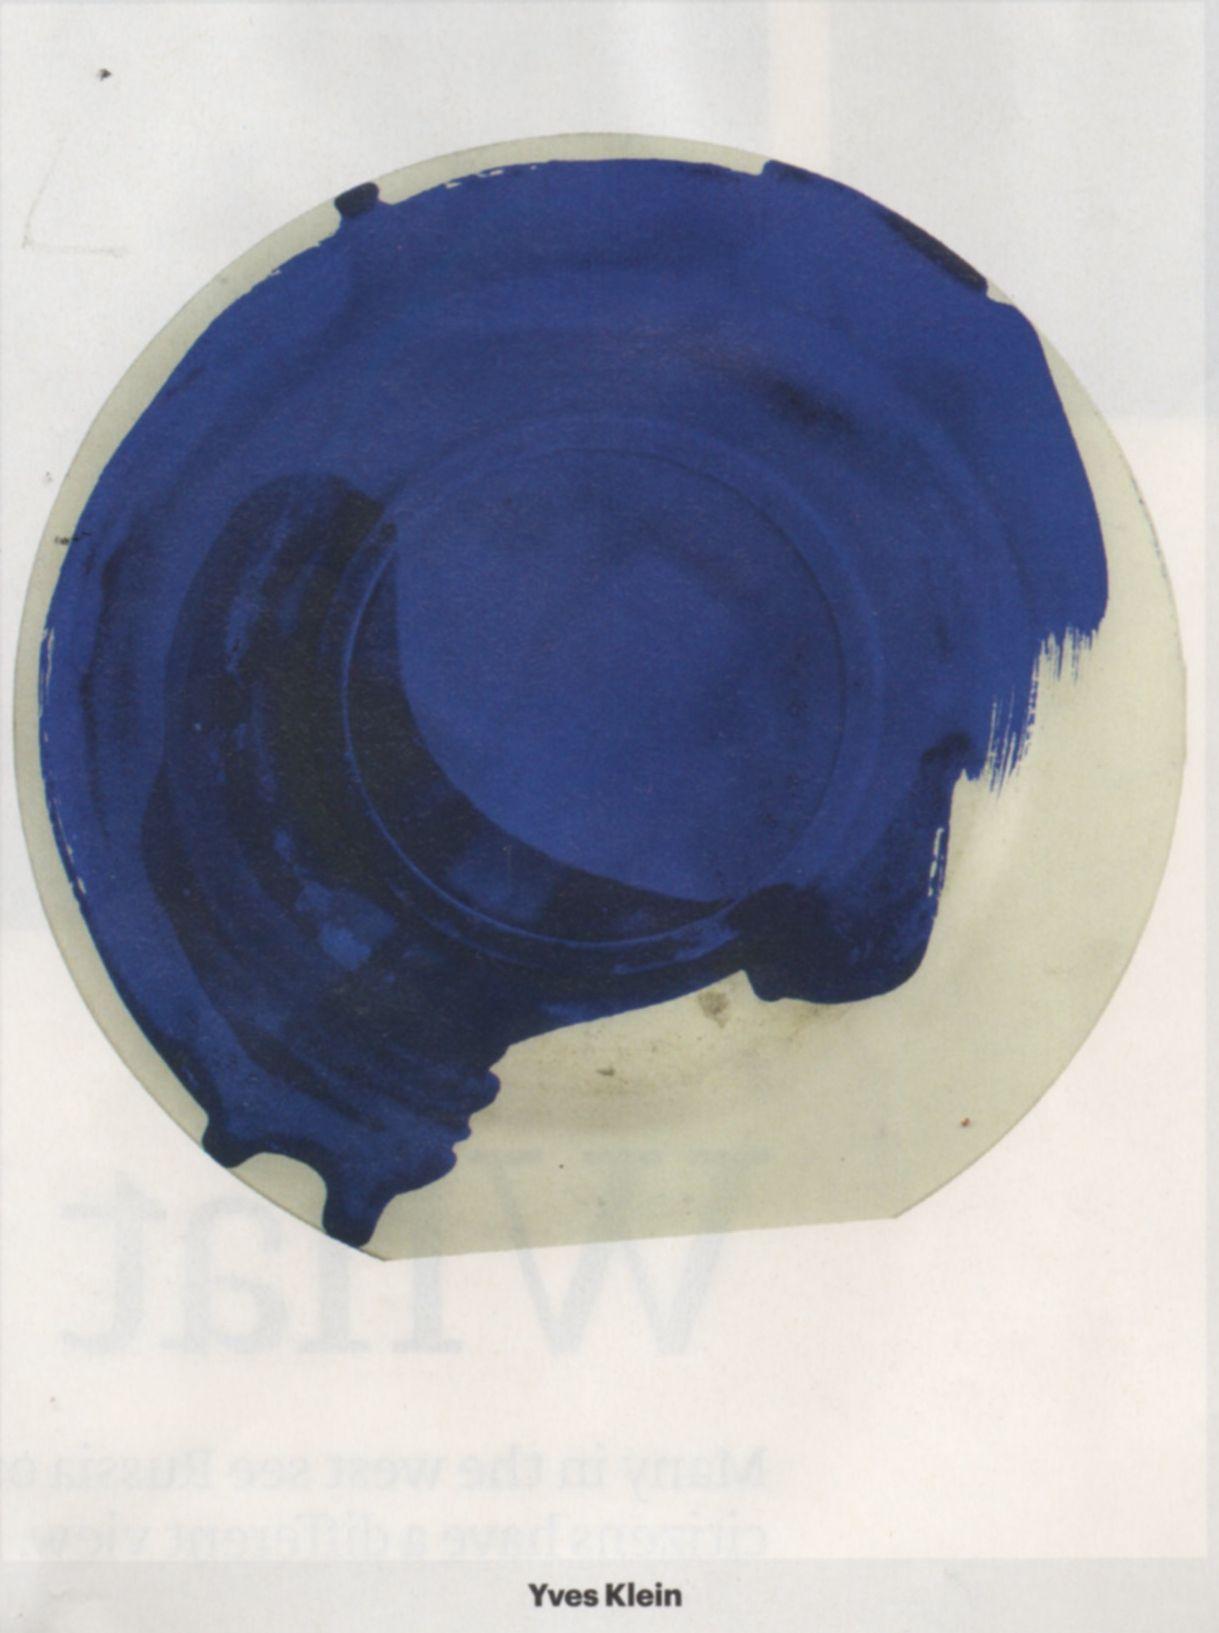 Yves Klein Artist Palette. Photographed by Matthias Schaller, 'Das MeisterStuck' Fondazione Giorgio Cini, May 2015